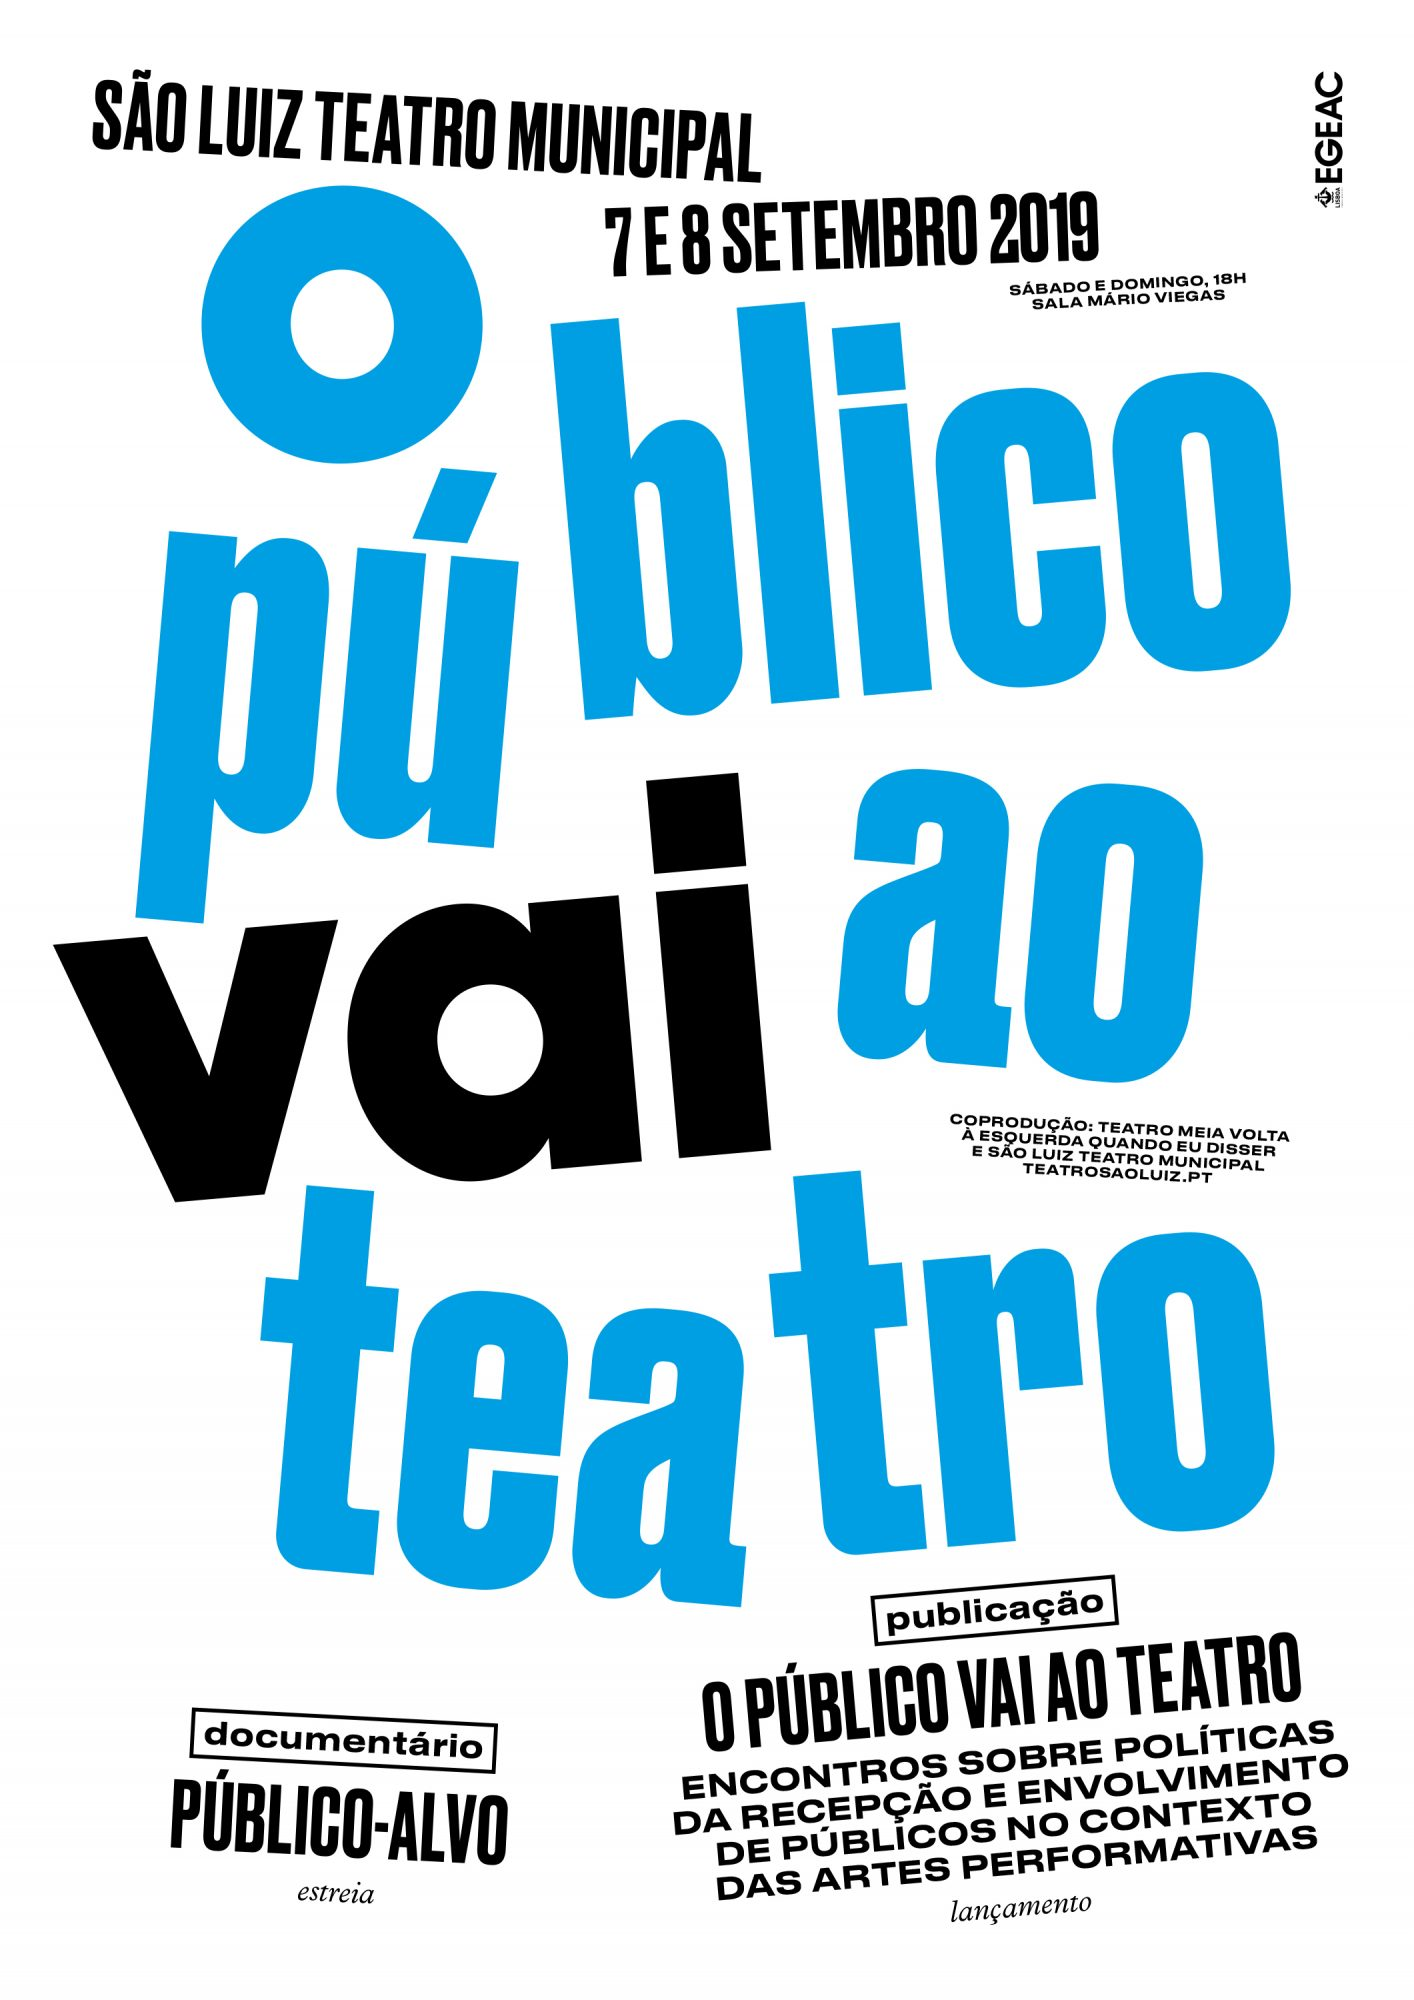 O Público vai ao Teatro, setembro 2019